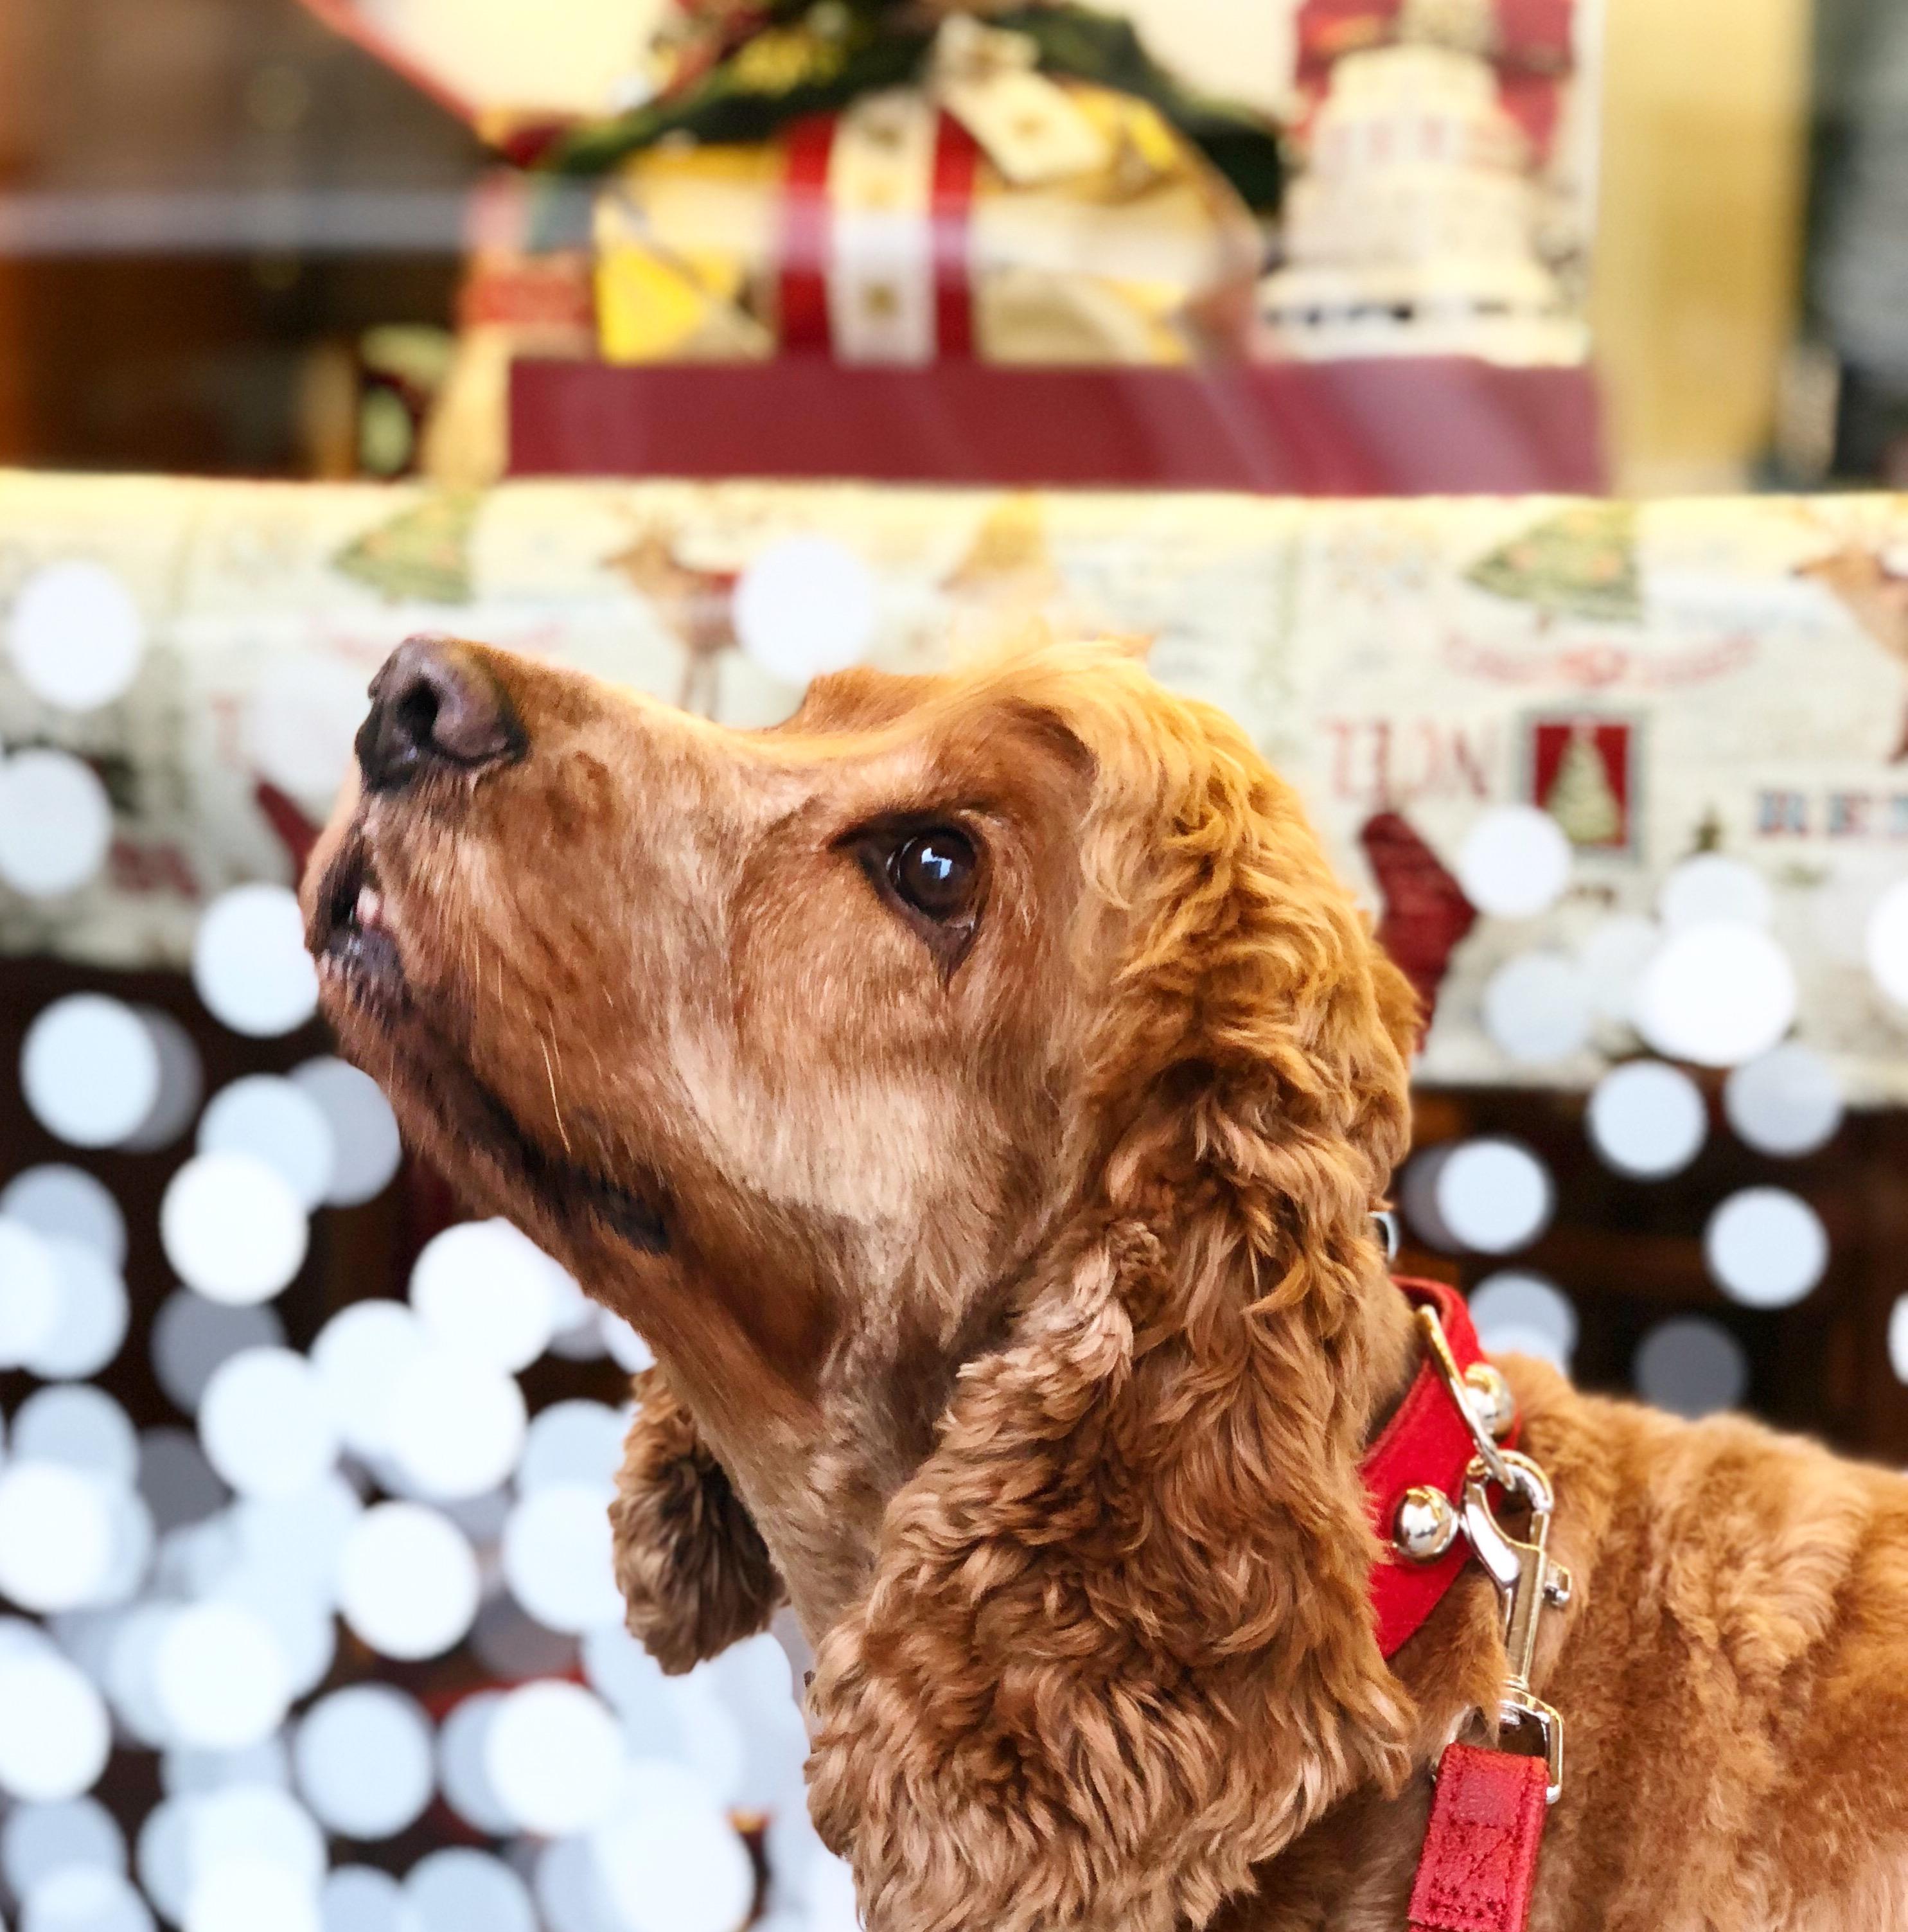 Qualunque sia il vostro stato d'animo, qualunque sia la vostra battaglia quotidiana, non rinunciate mai alla magia del Natale!